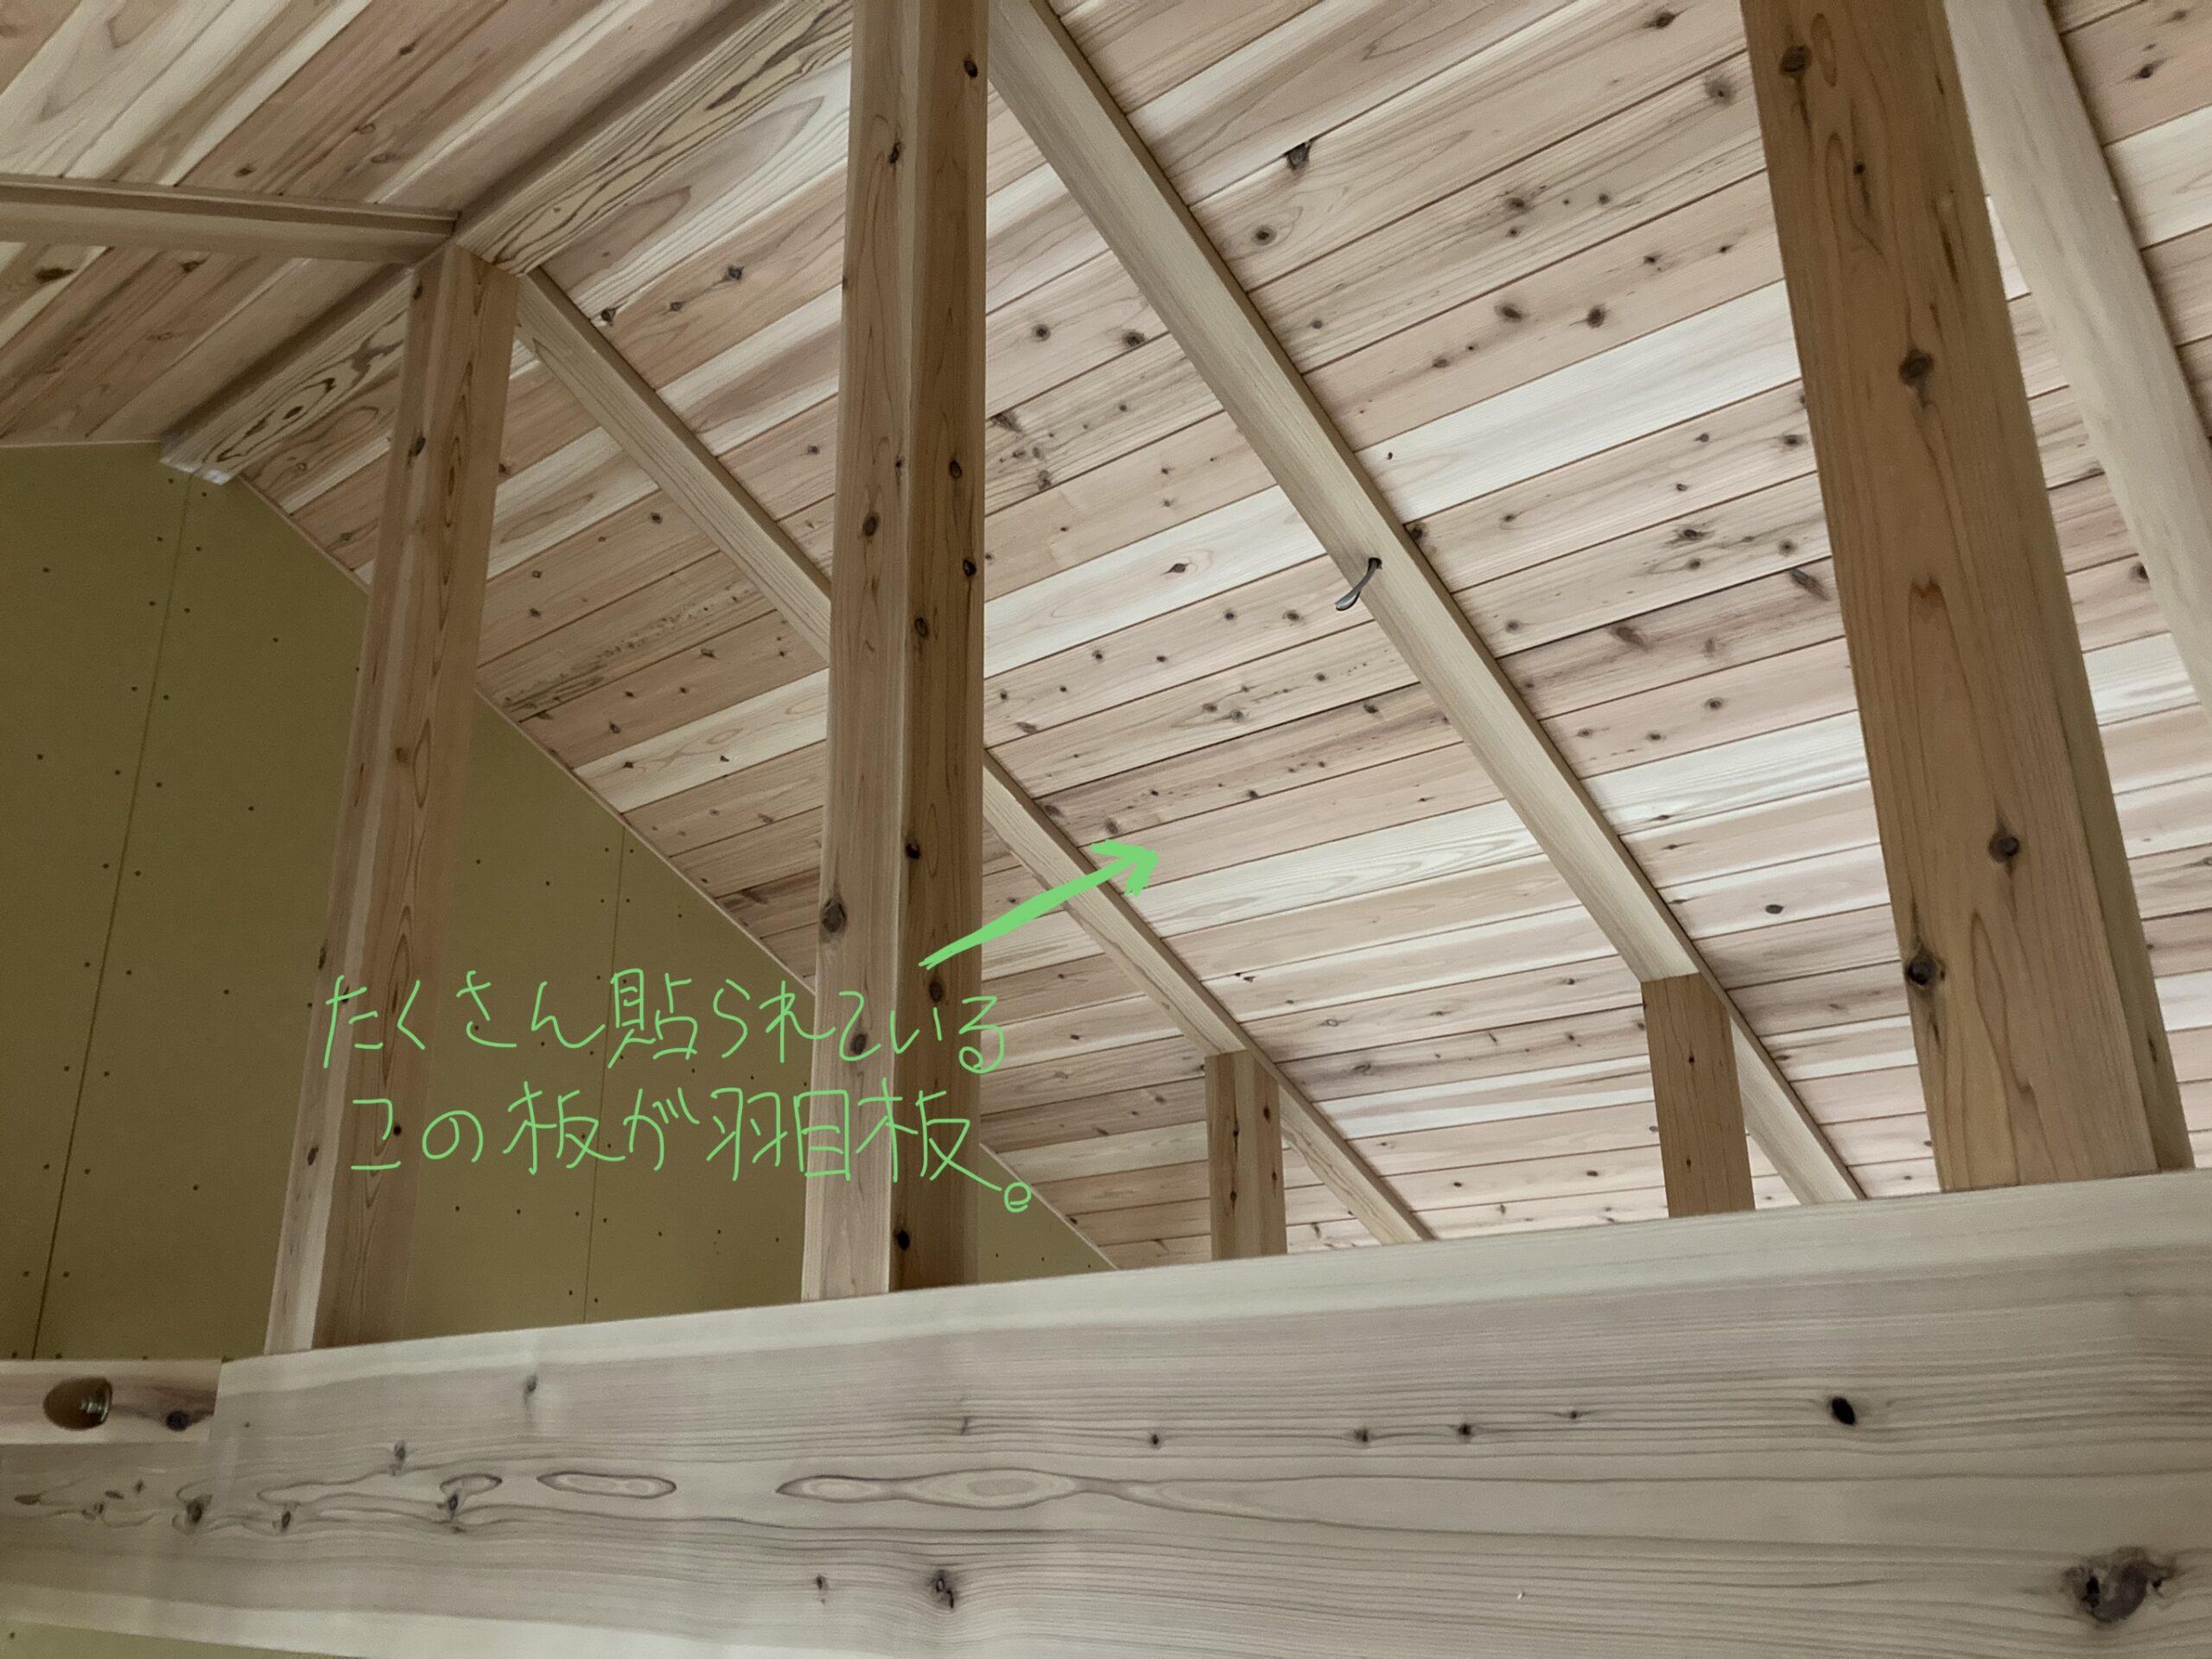 傾斜天井に貼られた羽目板